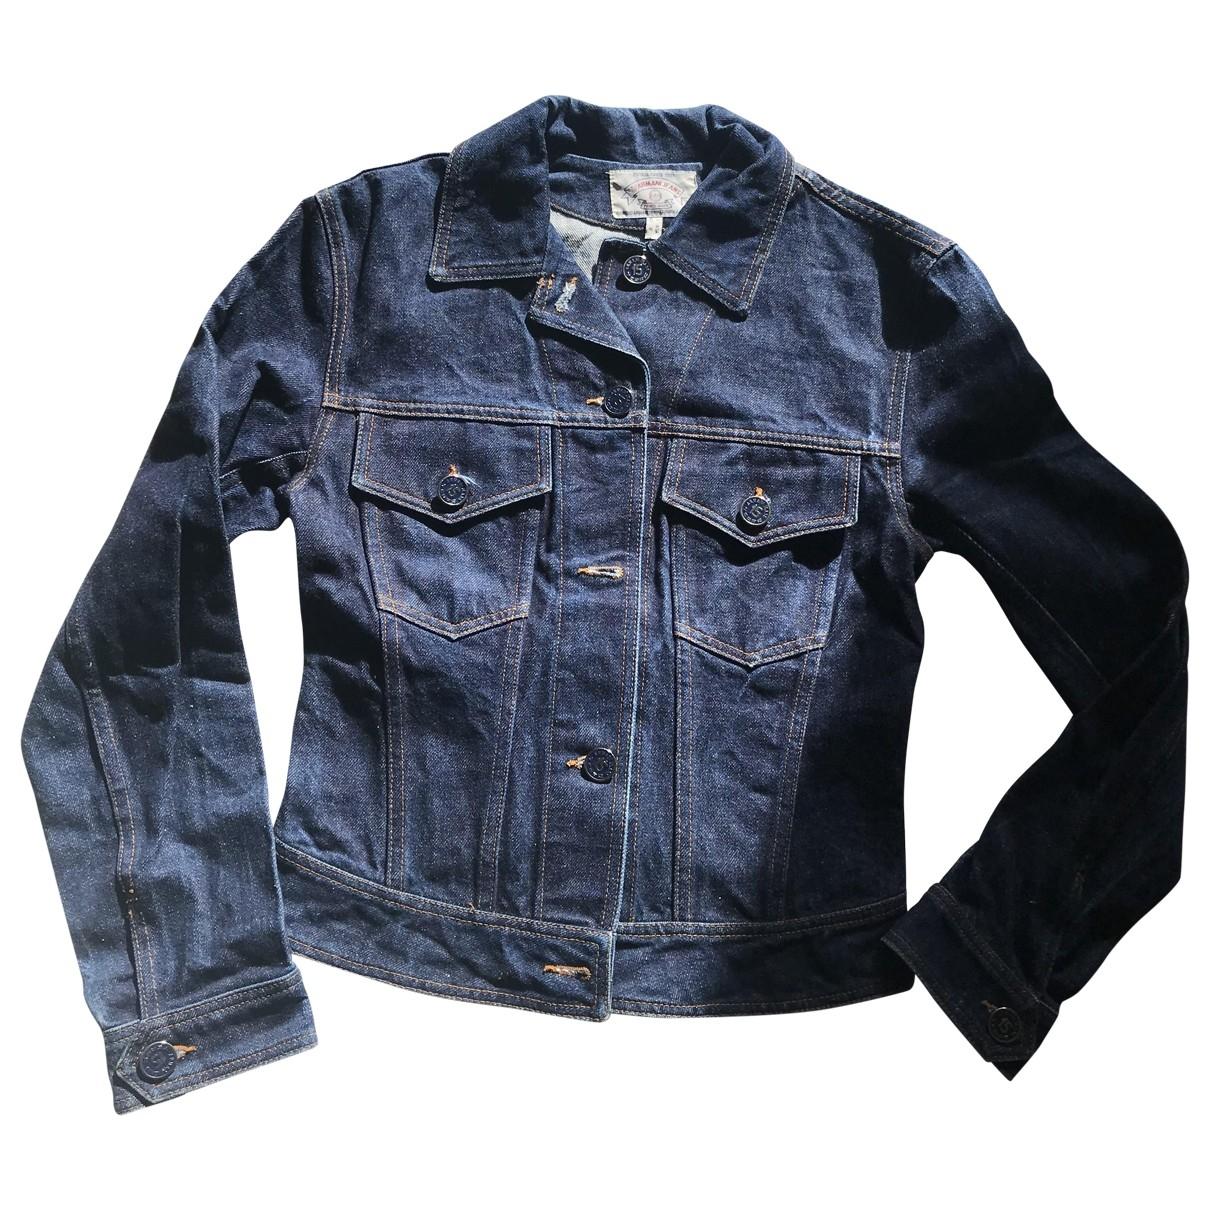 Armani Jeans \N Jacke in  Blau Denim - Jeans